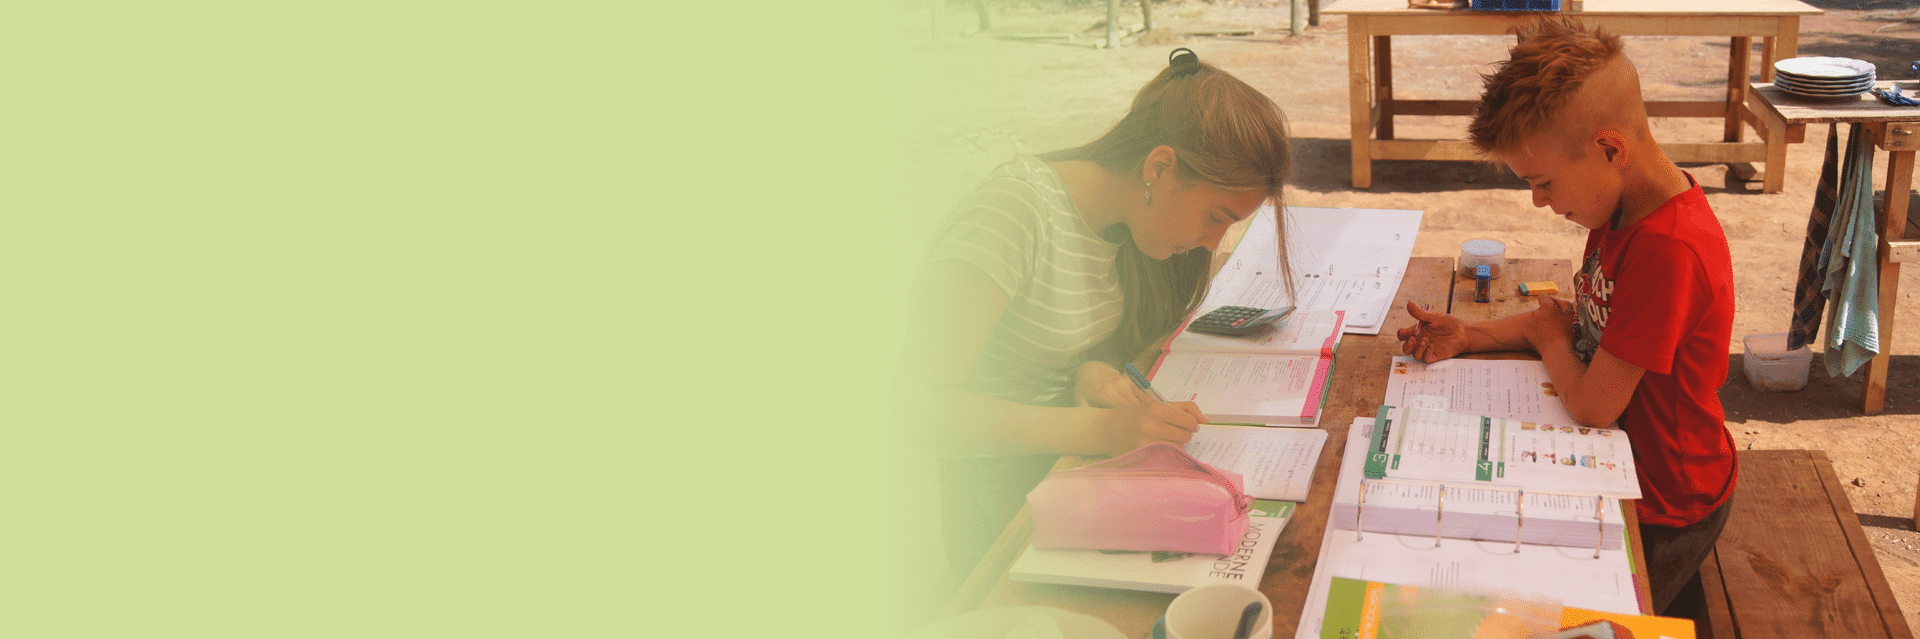 werken bij de wereldschool